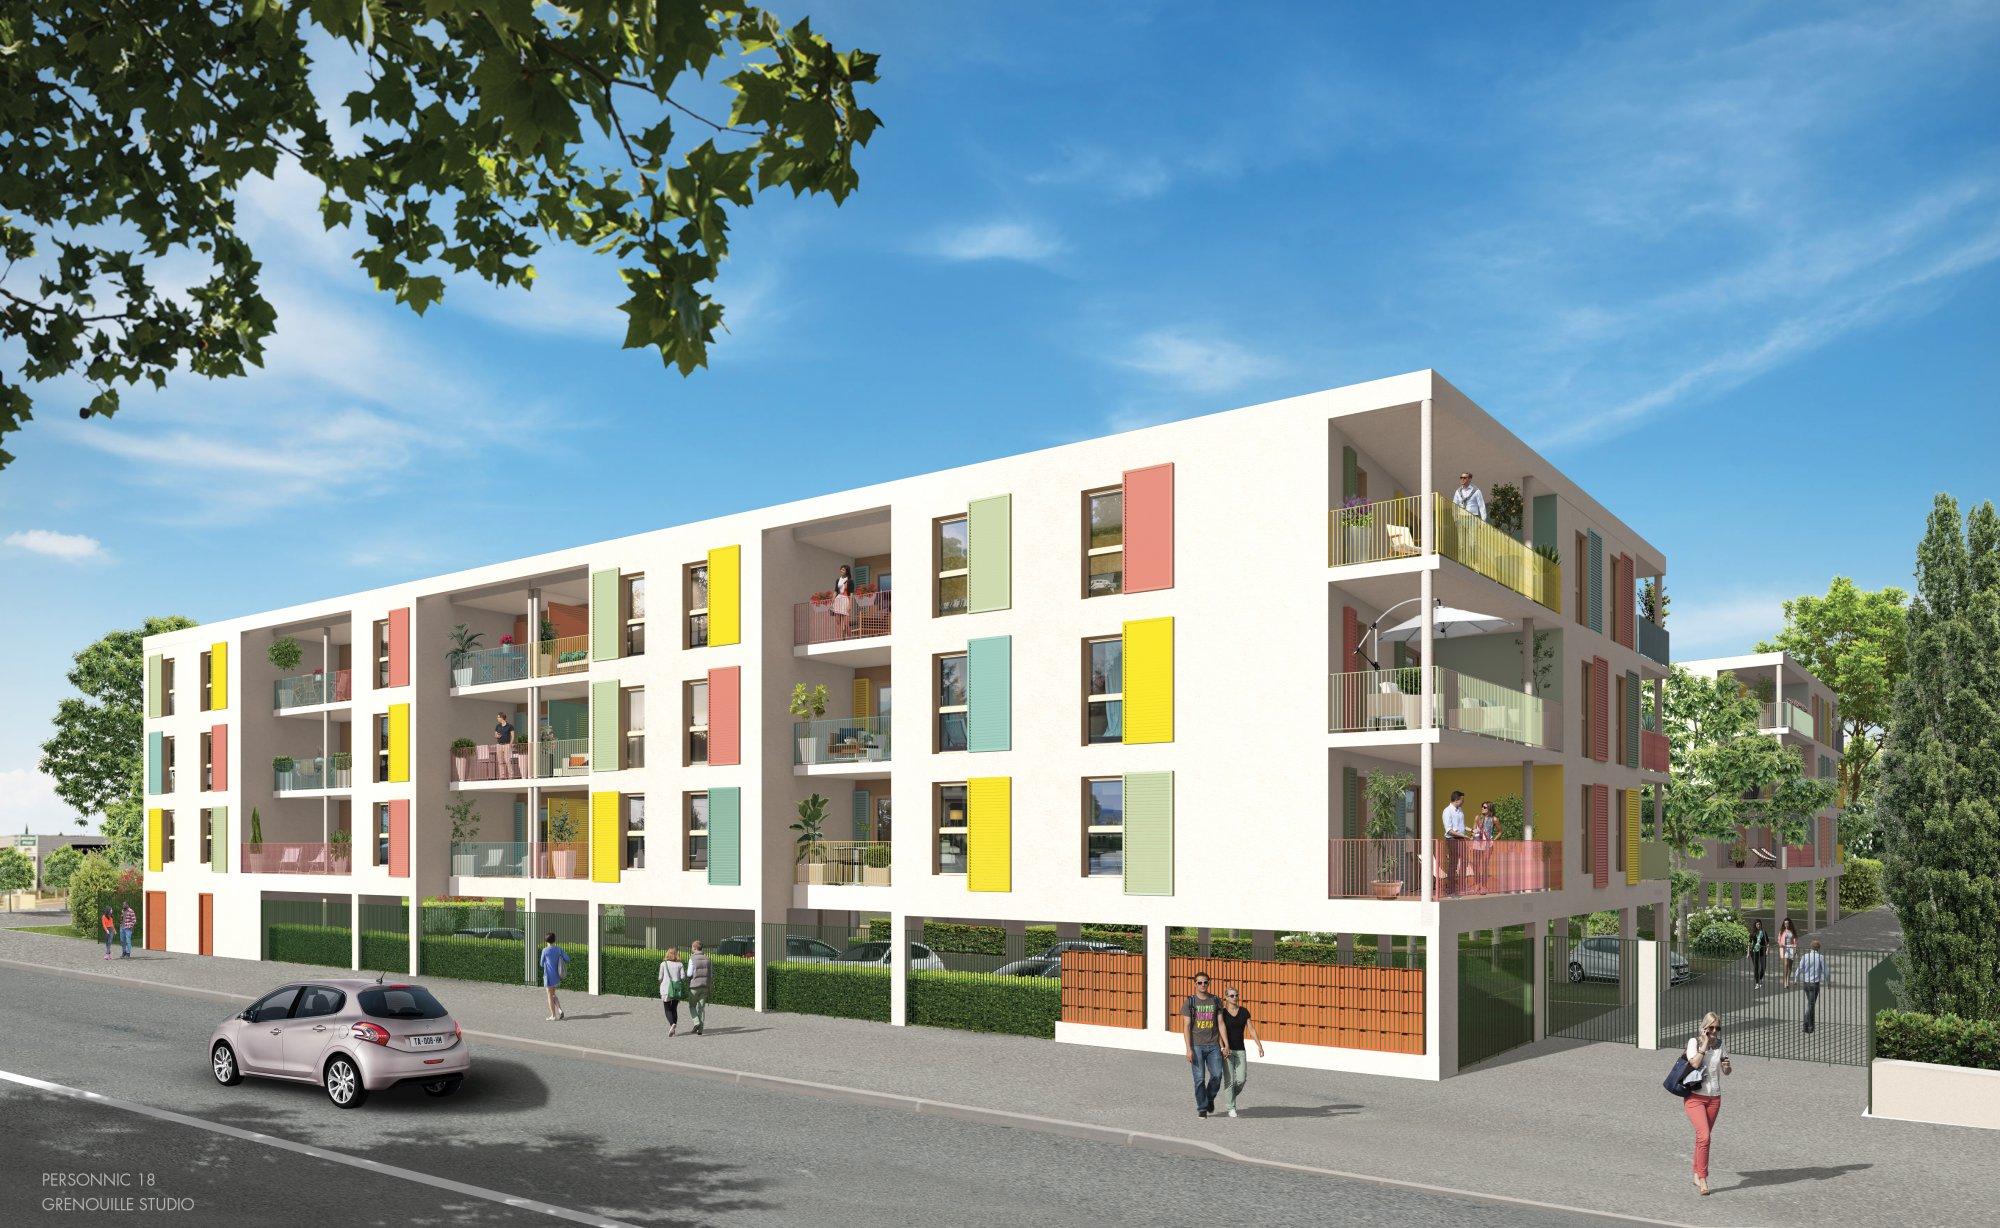 Programme immobilier EDO6 appartement à Arles (13104) Un havre de paix